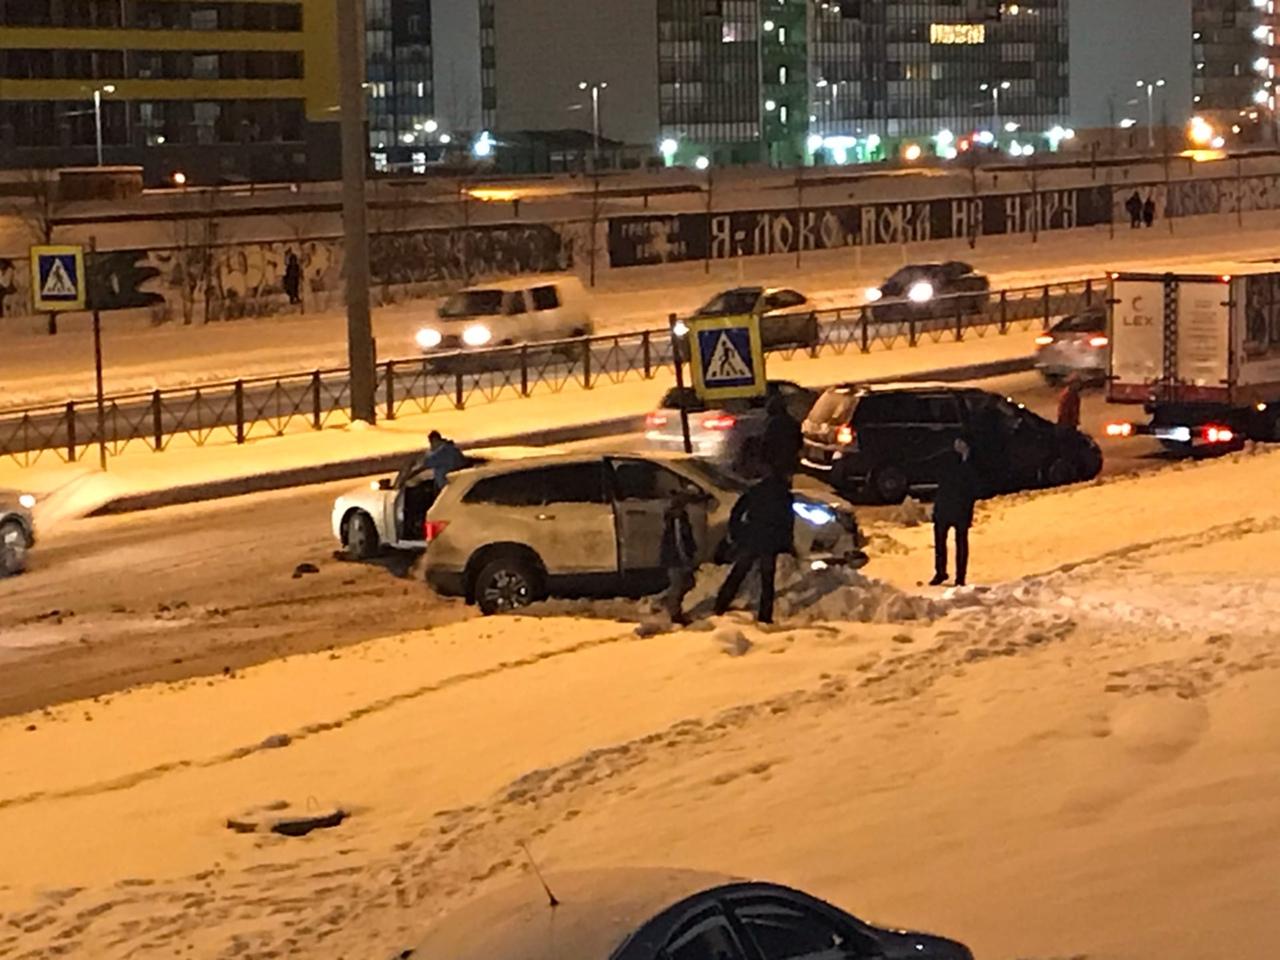 В 19:15 на Парашютной 45 услышал хлопок, выглянул в окно, а там авария. На пешеходном переходе хрома...